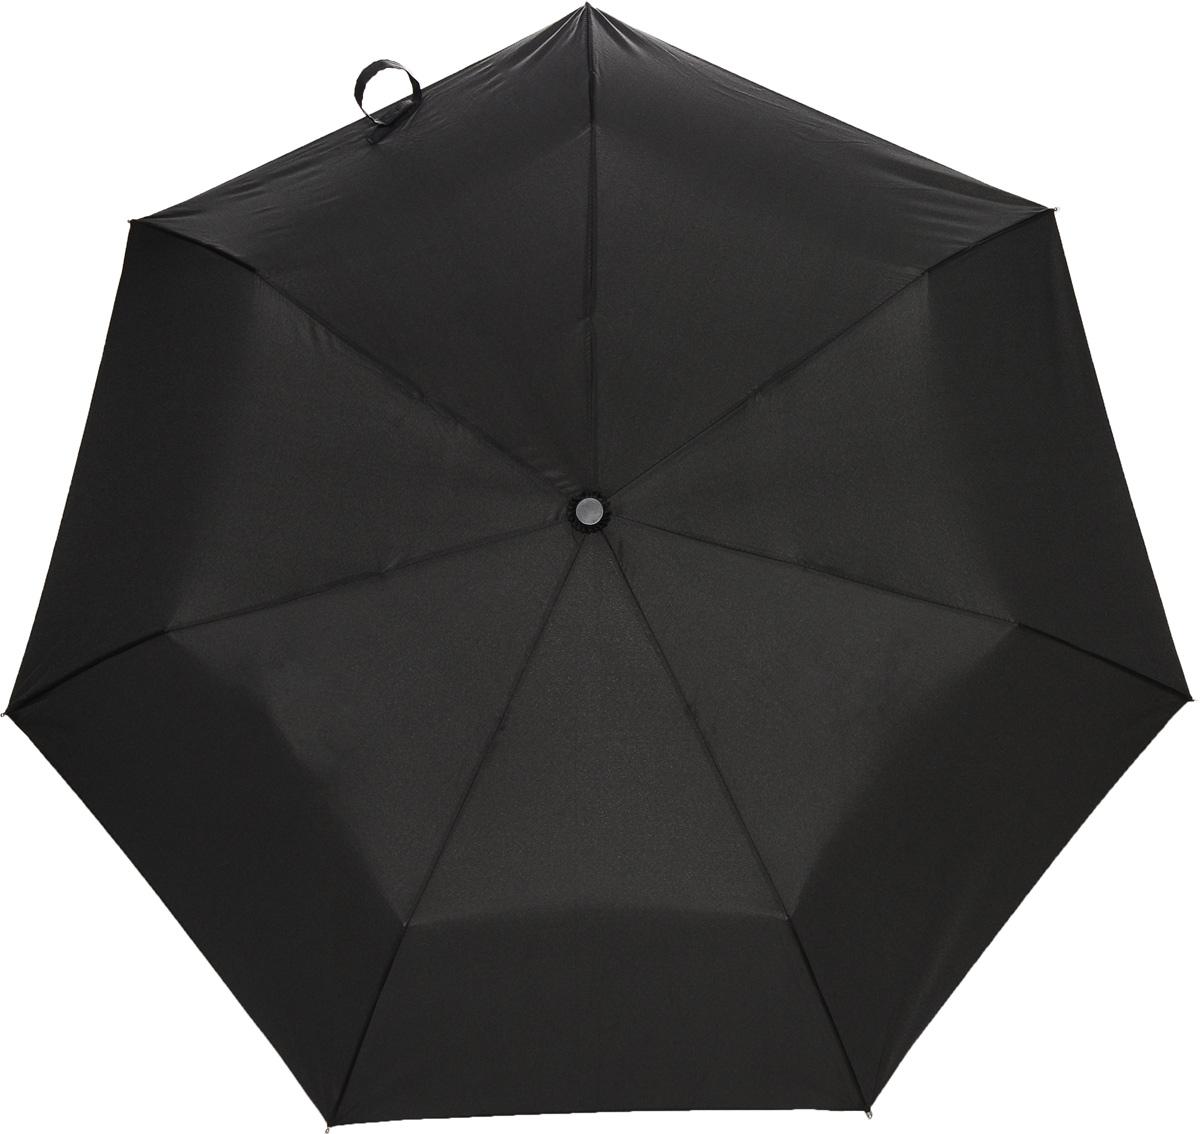 C-Collection 226 Зонт полный автом. 3 сл. муж.226Зонт испанского производителя Clima. В производстве зонтов используются современные материалы, что делает зонты легкими, но в то же время крепкими. Полный автомат, 3 сложения, 7 спиц по 55см, полиэстер.